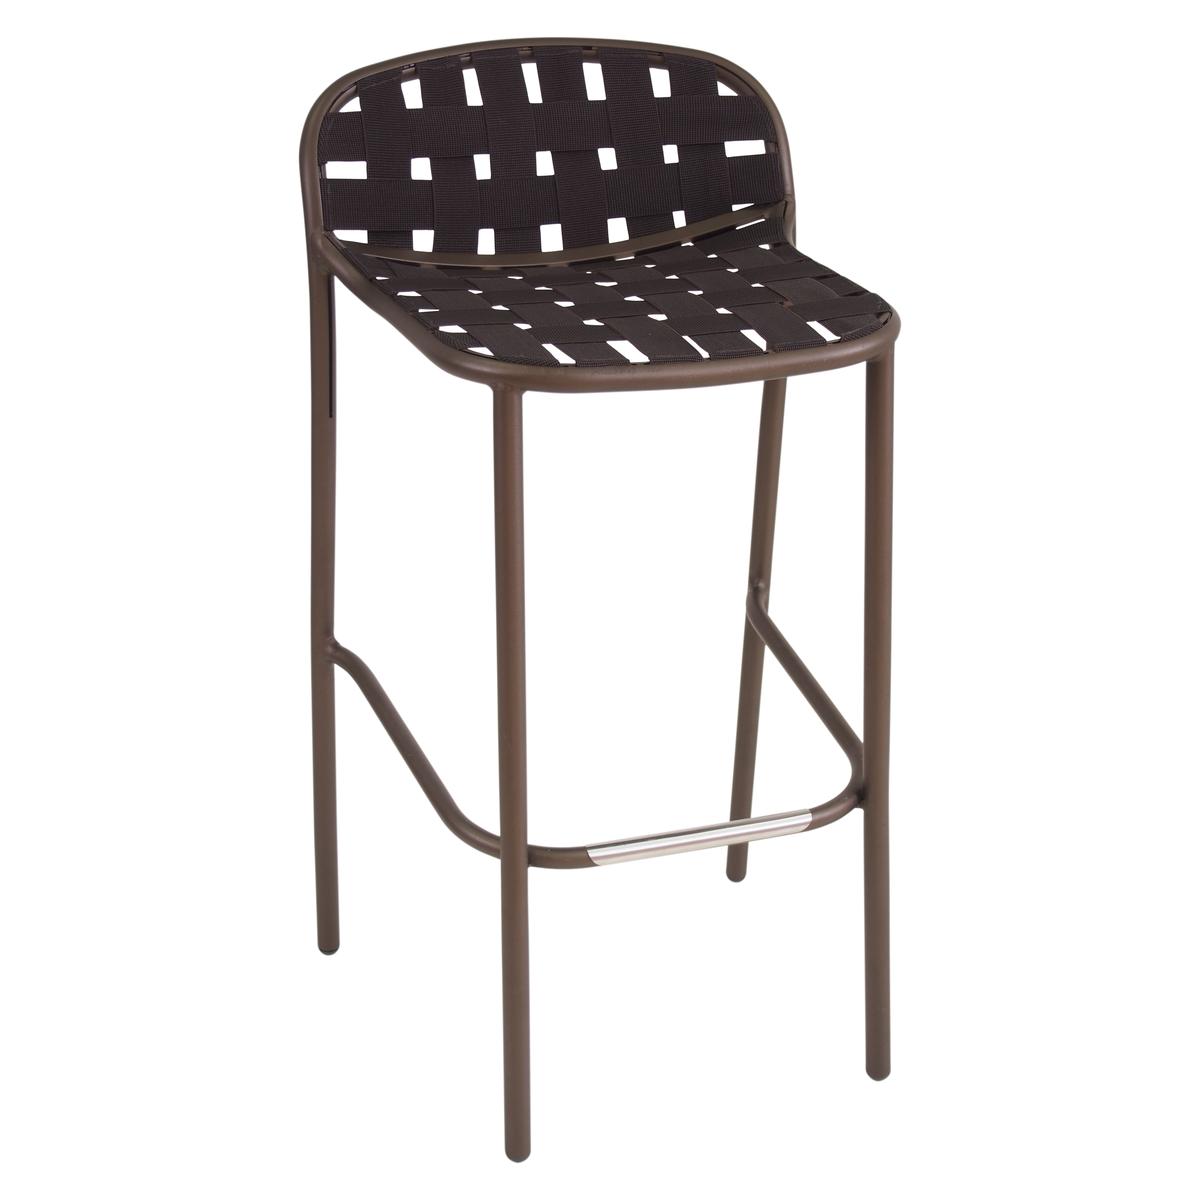 Yard stool 533 - на 360.ru: цены, описание, характеристики, где купить в Москве.